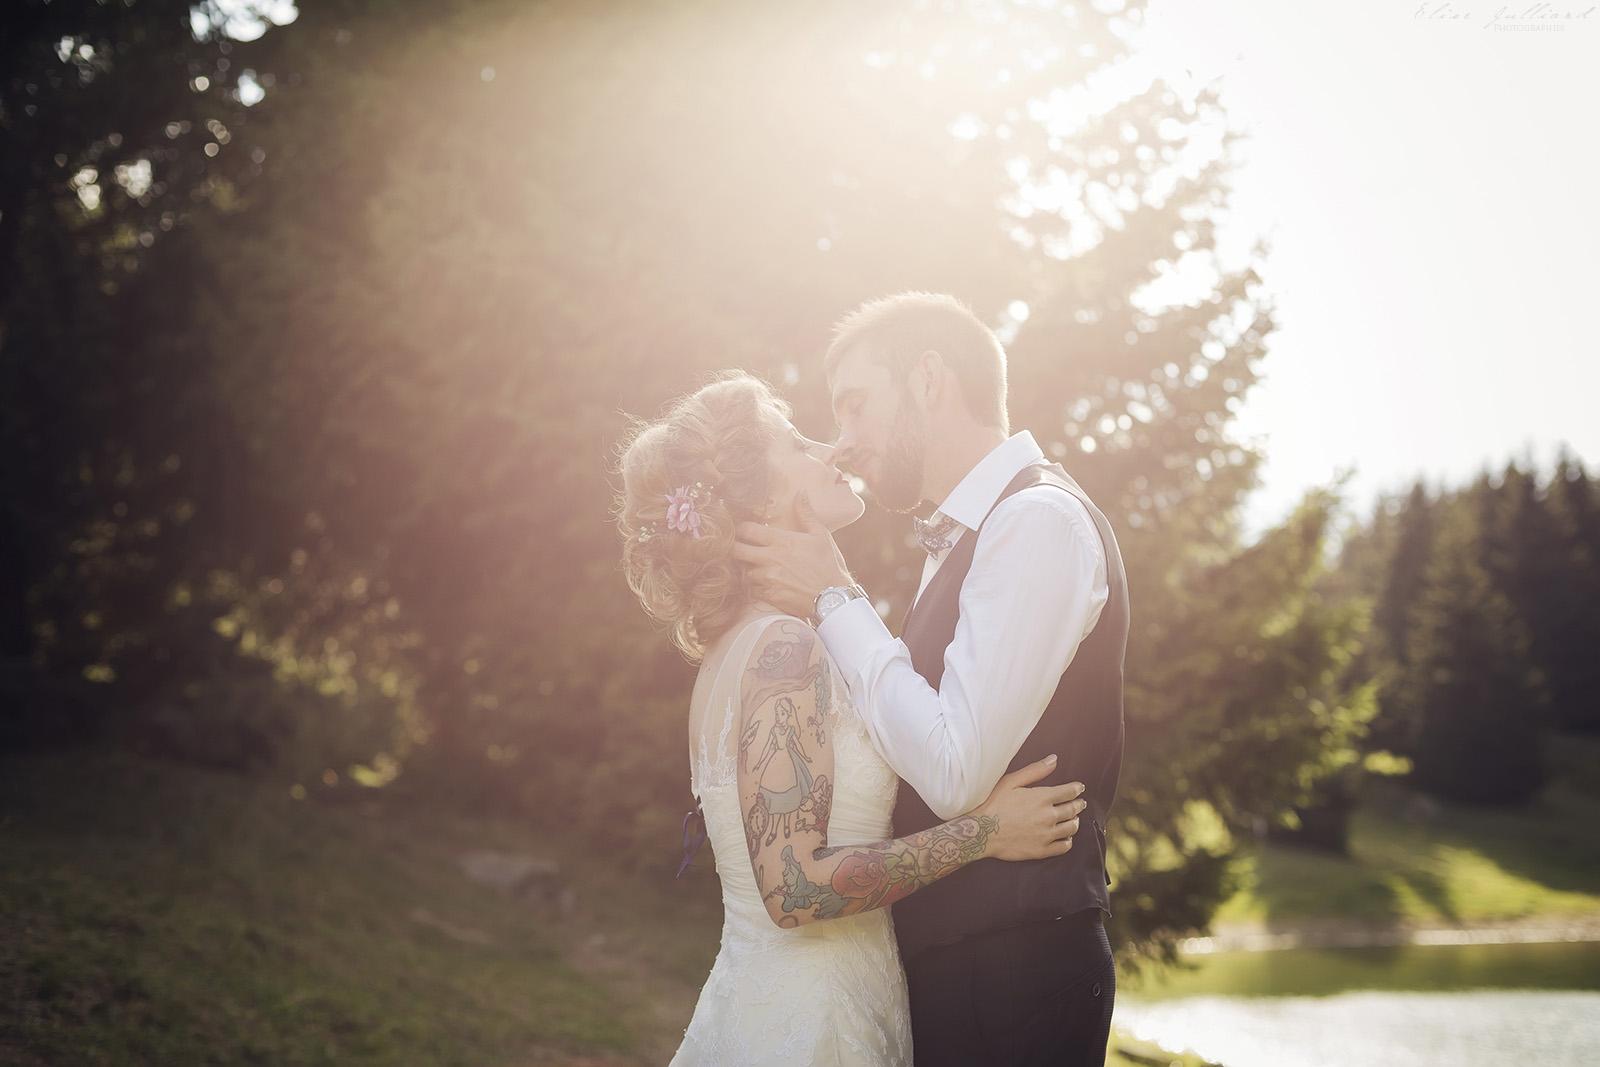 mariage-seance-couple-amour-amoureux-wedding-photographe-elise-julliard-lyon-auvergne-rhone-alpes-savoie-saint-francois-longchamp-maurienne-2